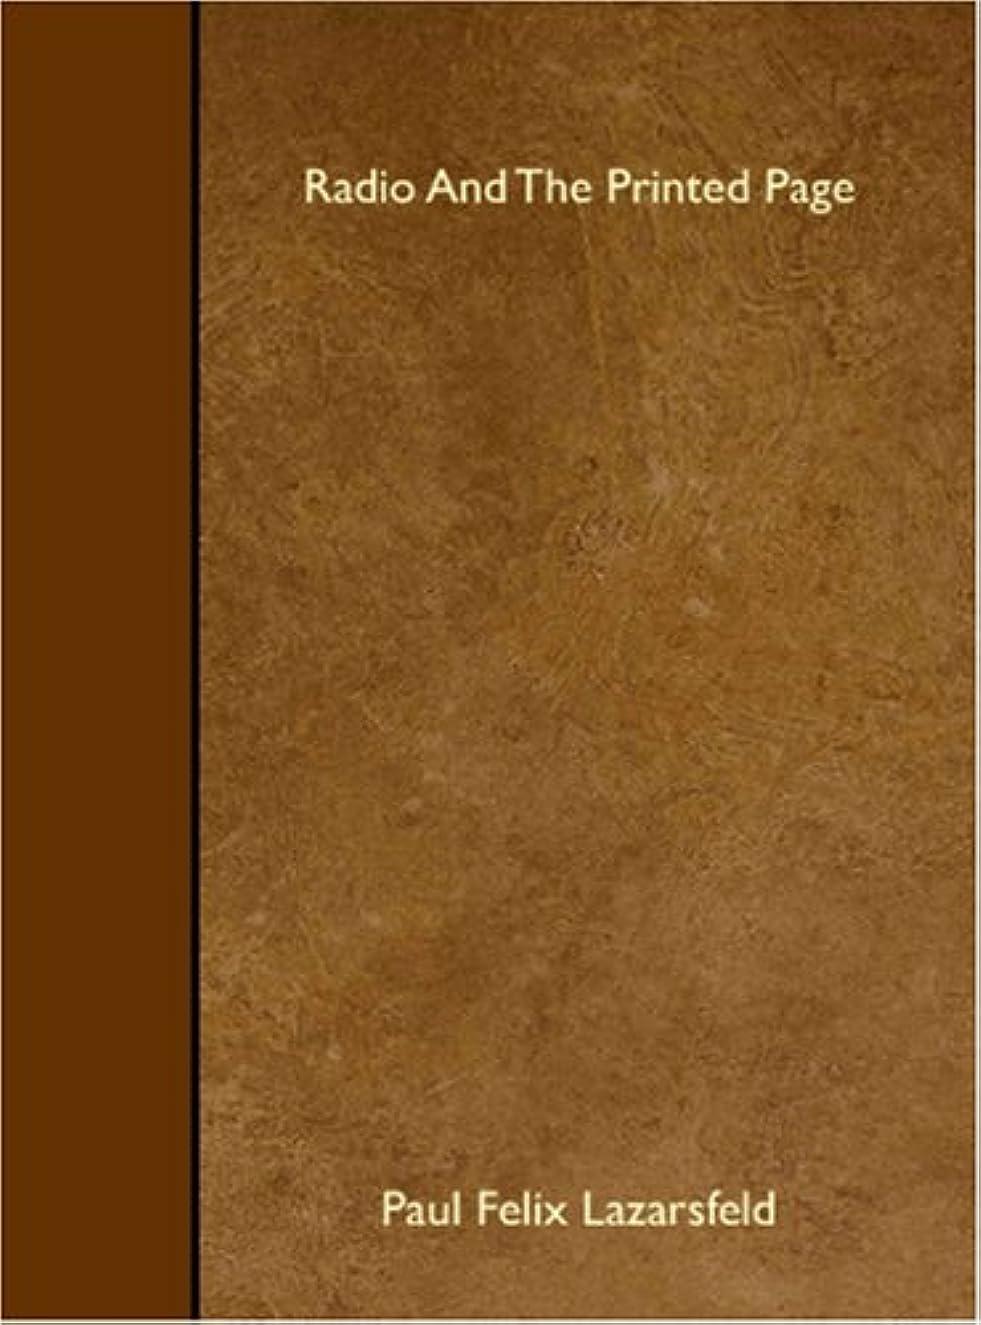 蓄積するファーザーファージュクルーズRadio And The Printed Page